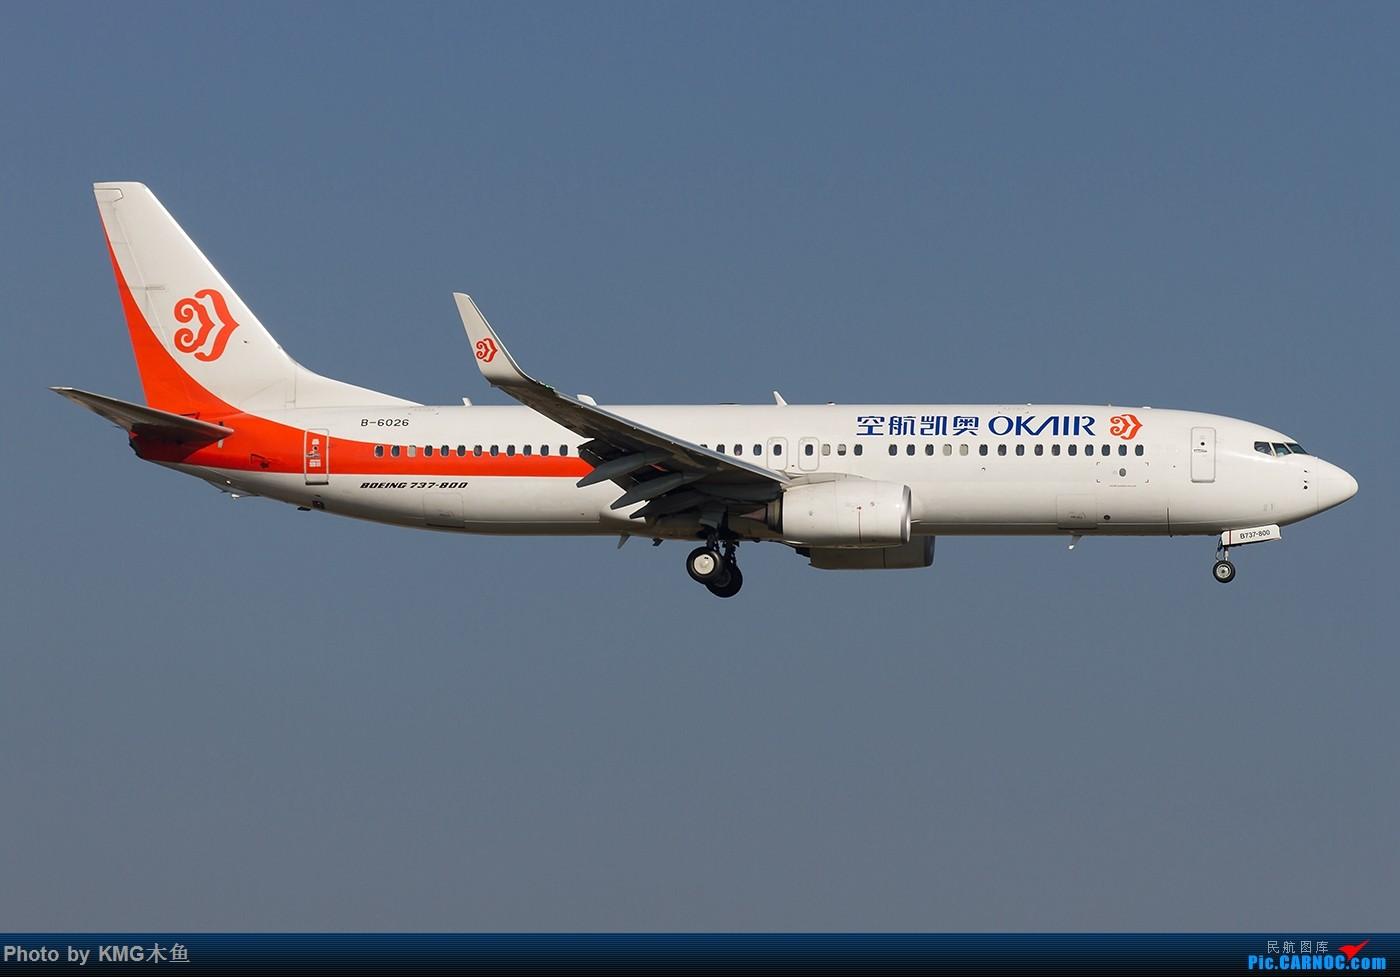 Re:[原创]【昆明长水国际机场-KMG木鱼拍机】啥时候能晴天,我想拍飞机了 BOEING 737-800 B-6026 中国昆明长水国际机场